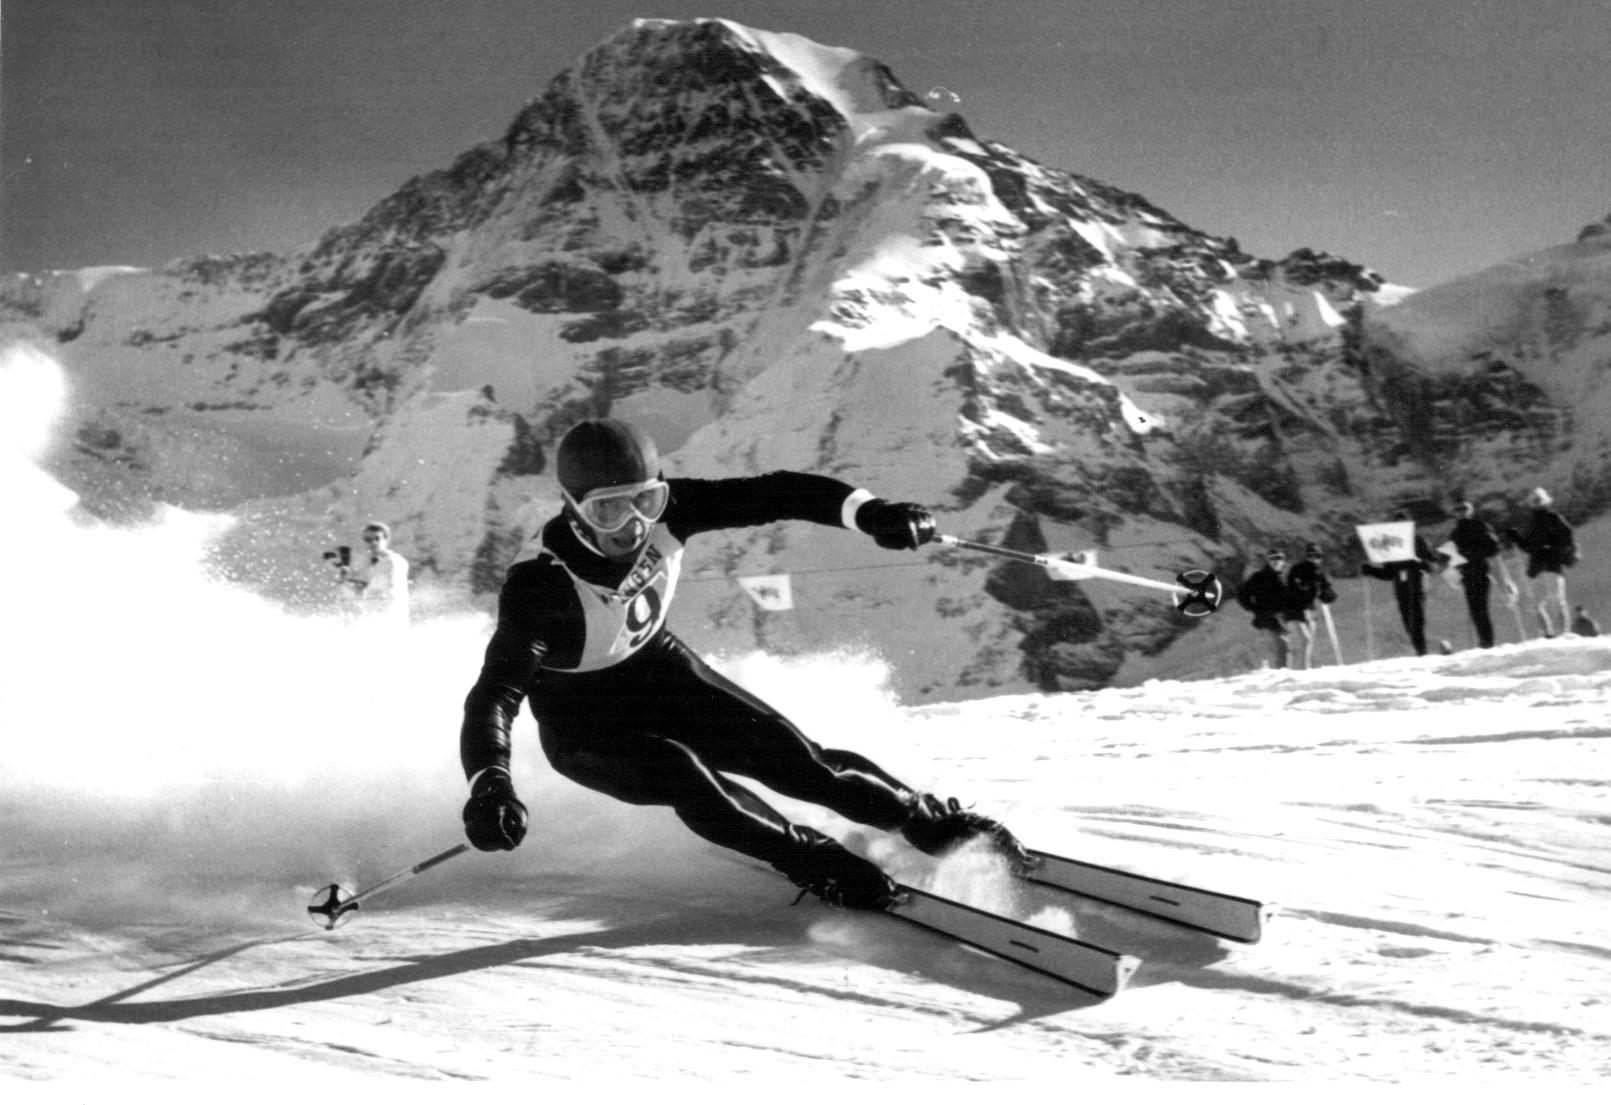 Coppa del mondo di sci alpino maschile calendario